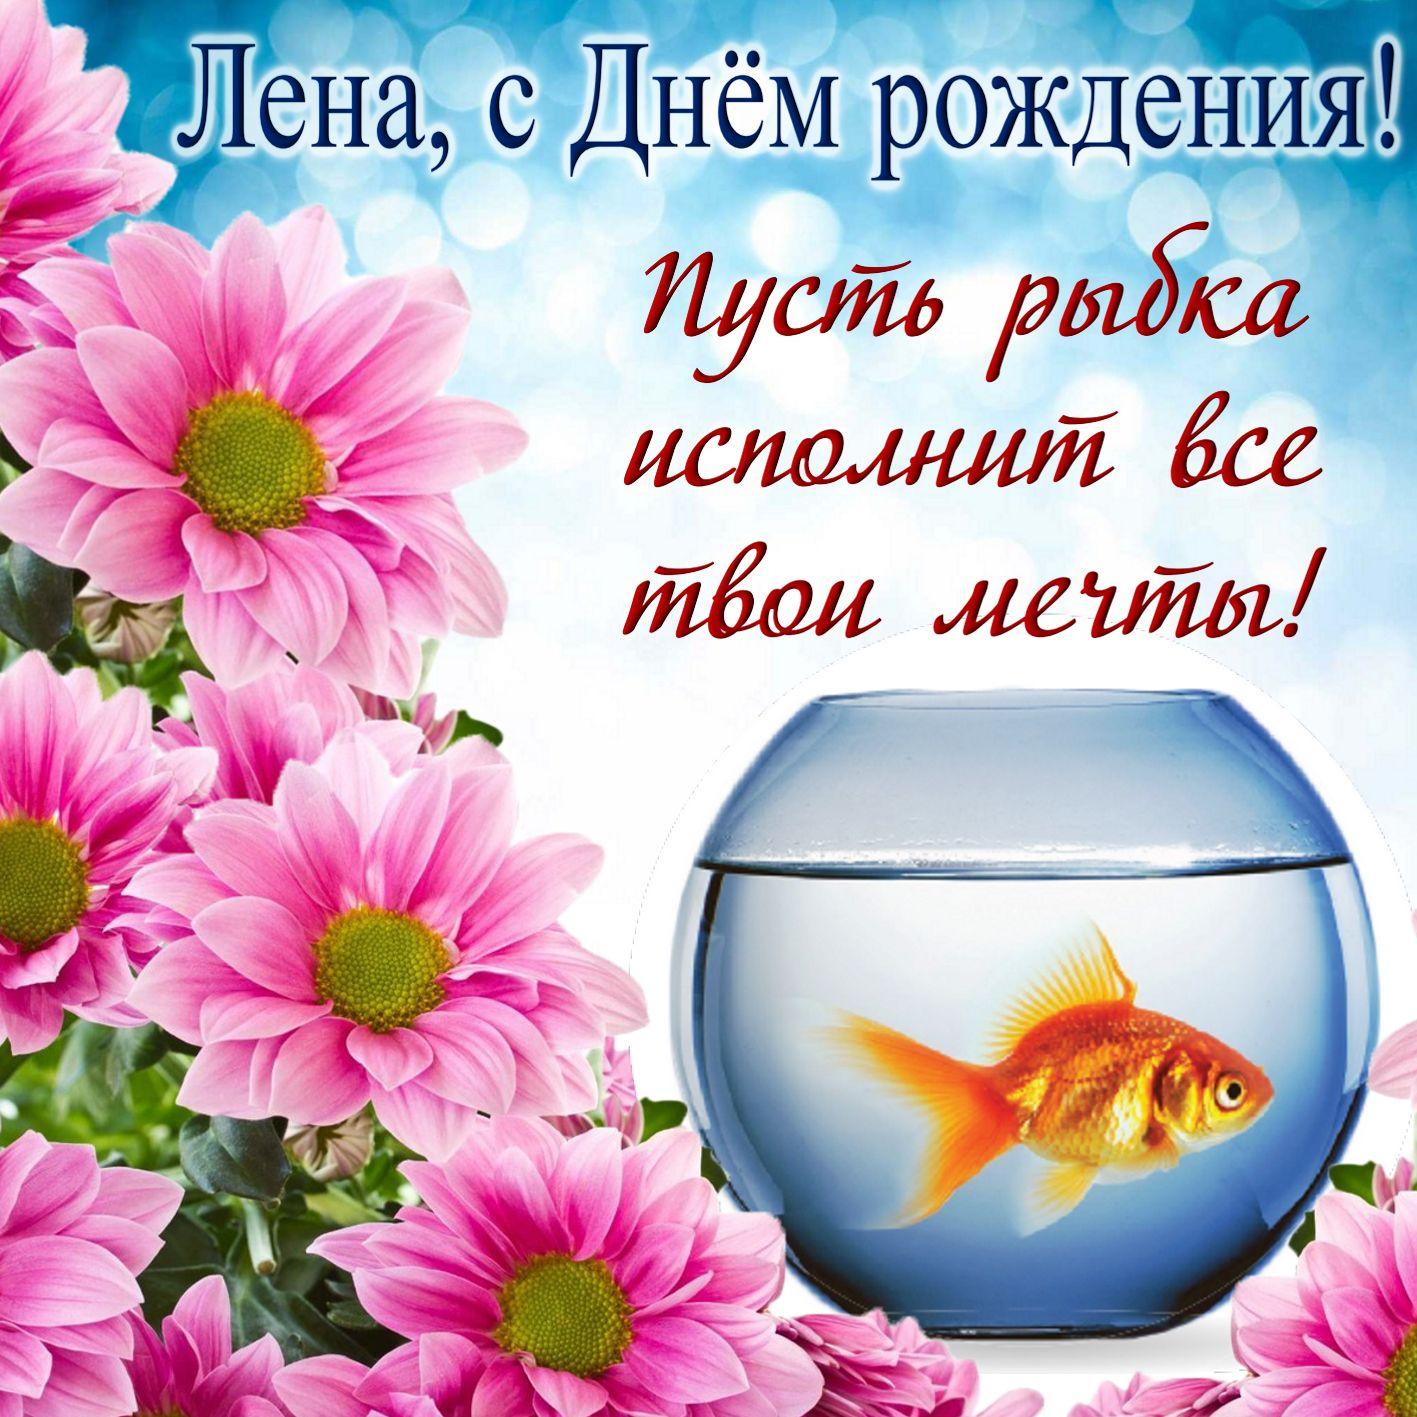 Открытка на День рождения Елене - золотая рыбка исполнит все твои мечты